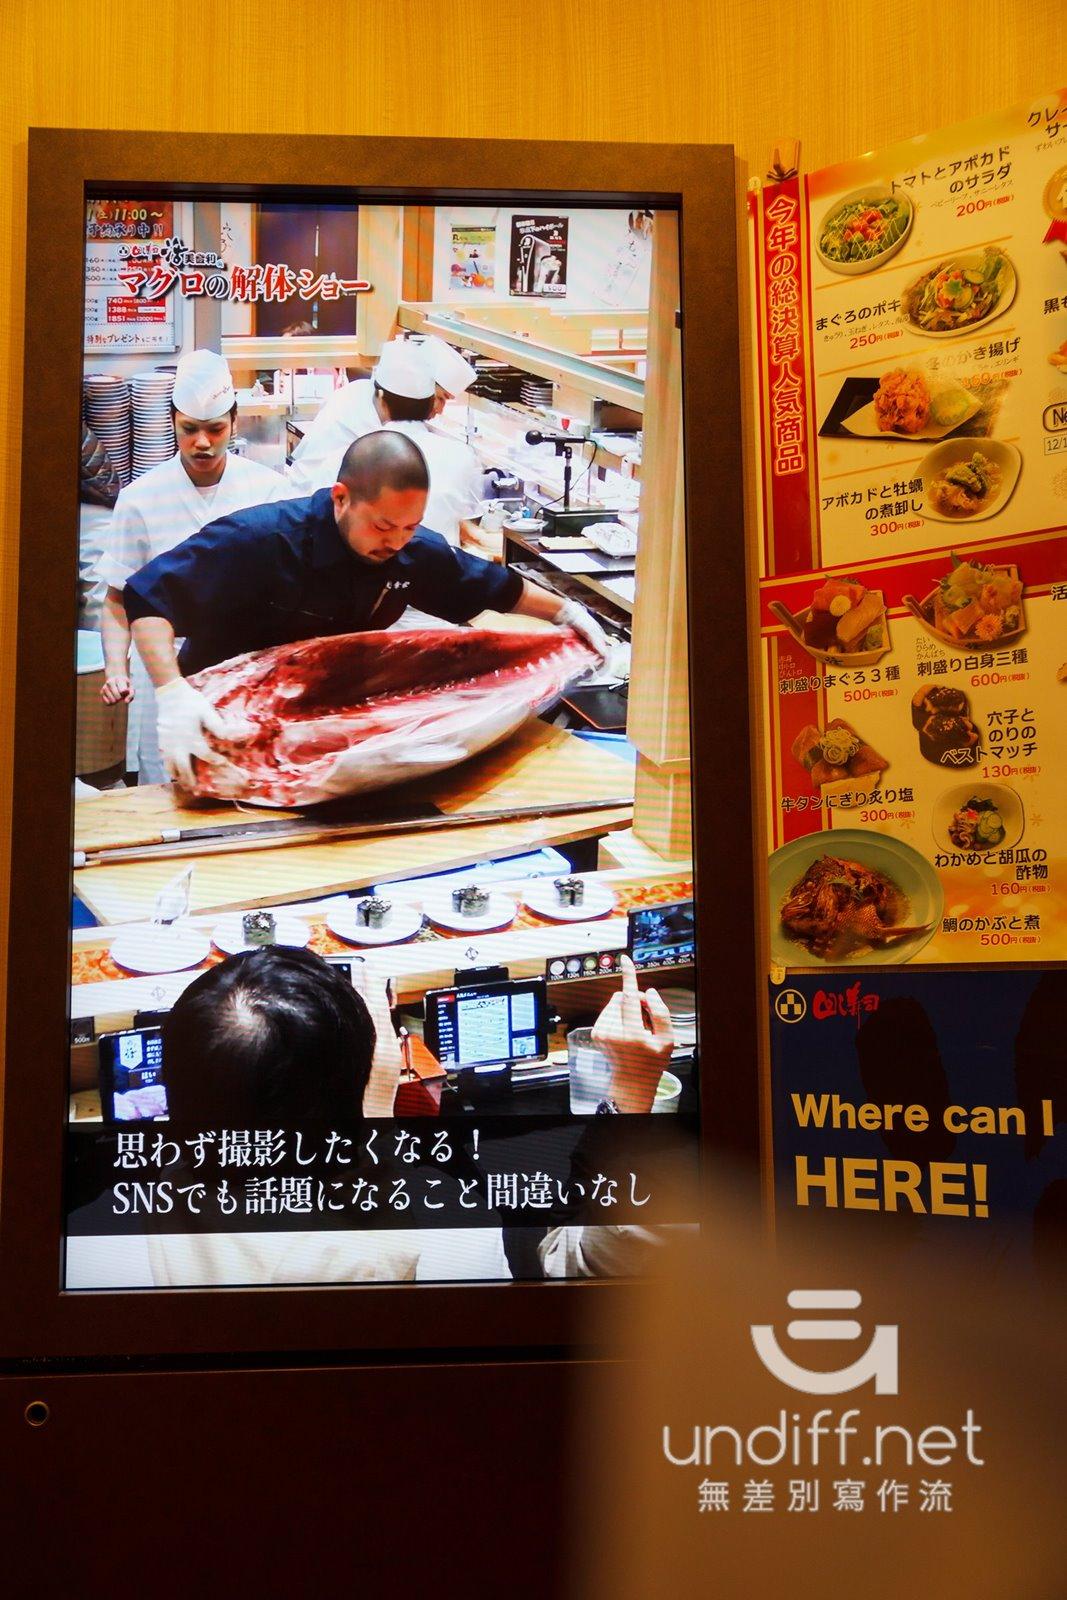 【東京美食】澀谷 回し寿司 活.美登利 西武澀谷店 》超值新鮮又美味的迴轉壽司 14